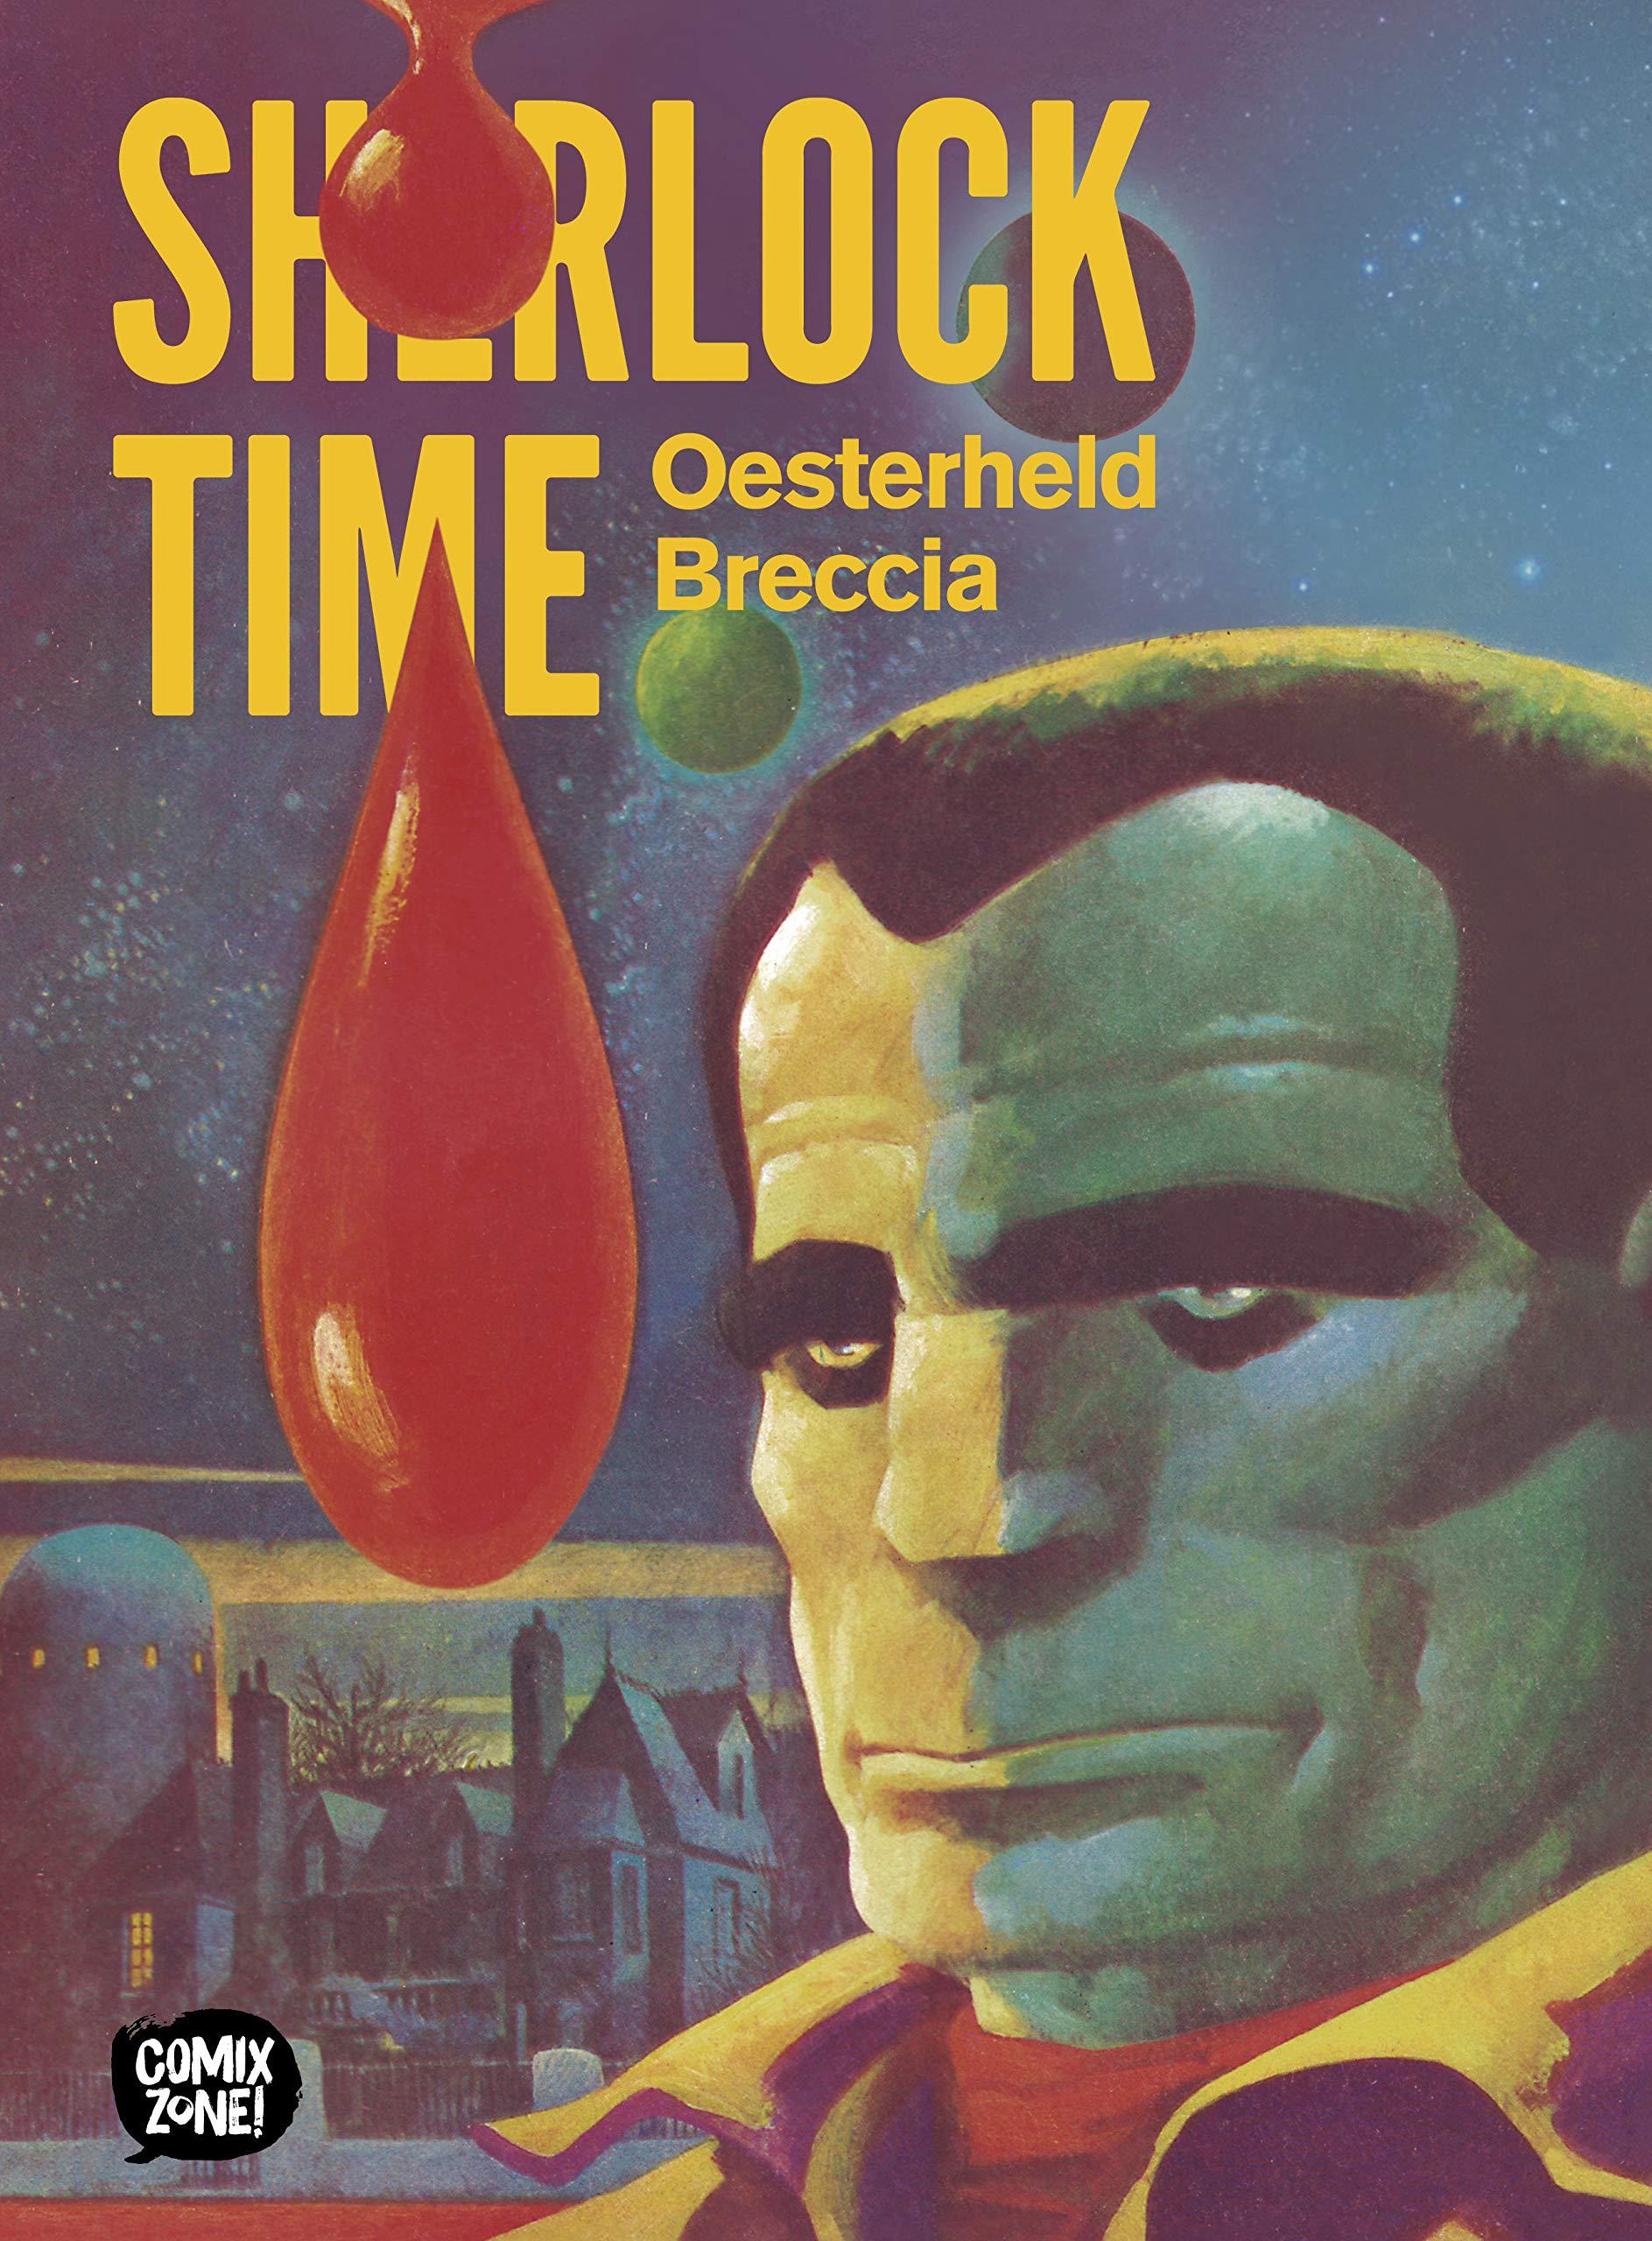 Resenha | Sherlock Time